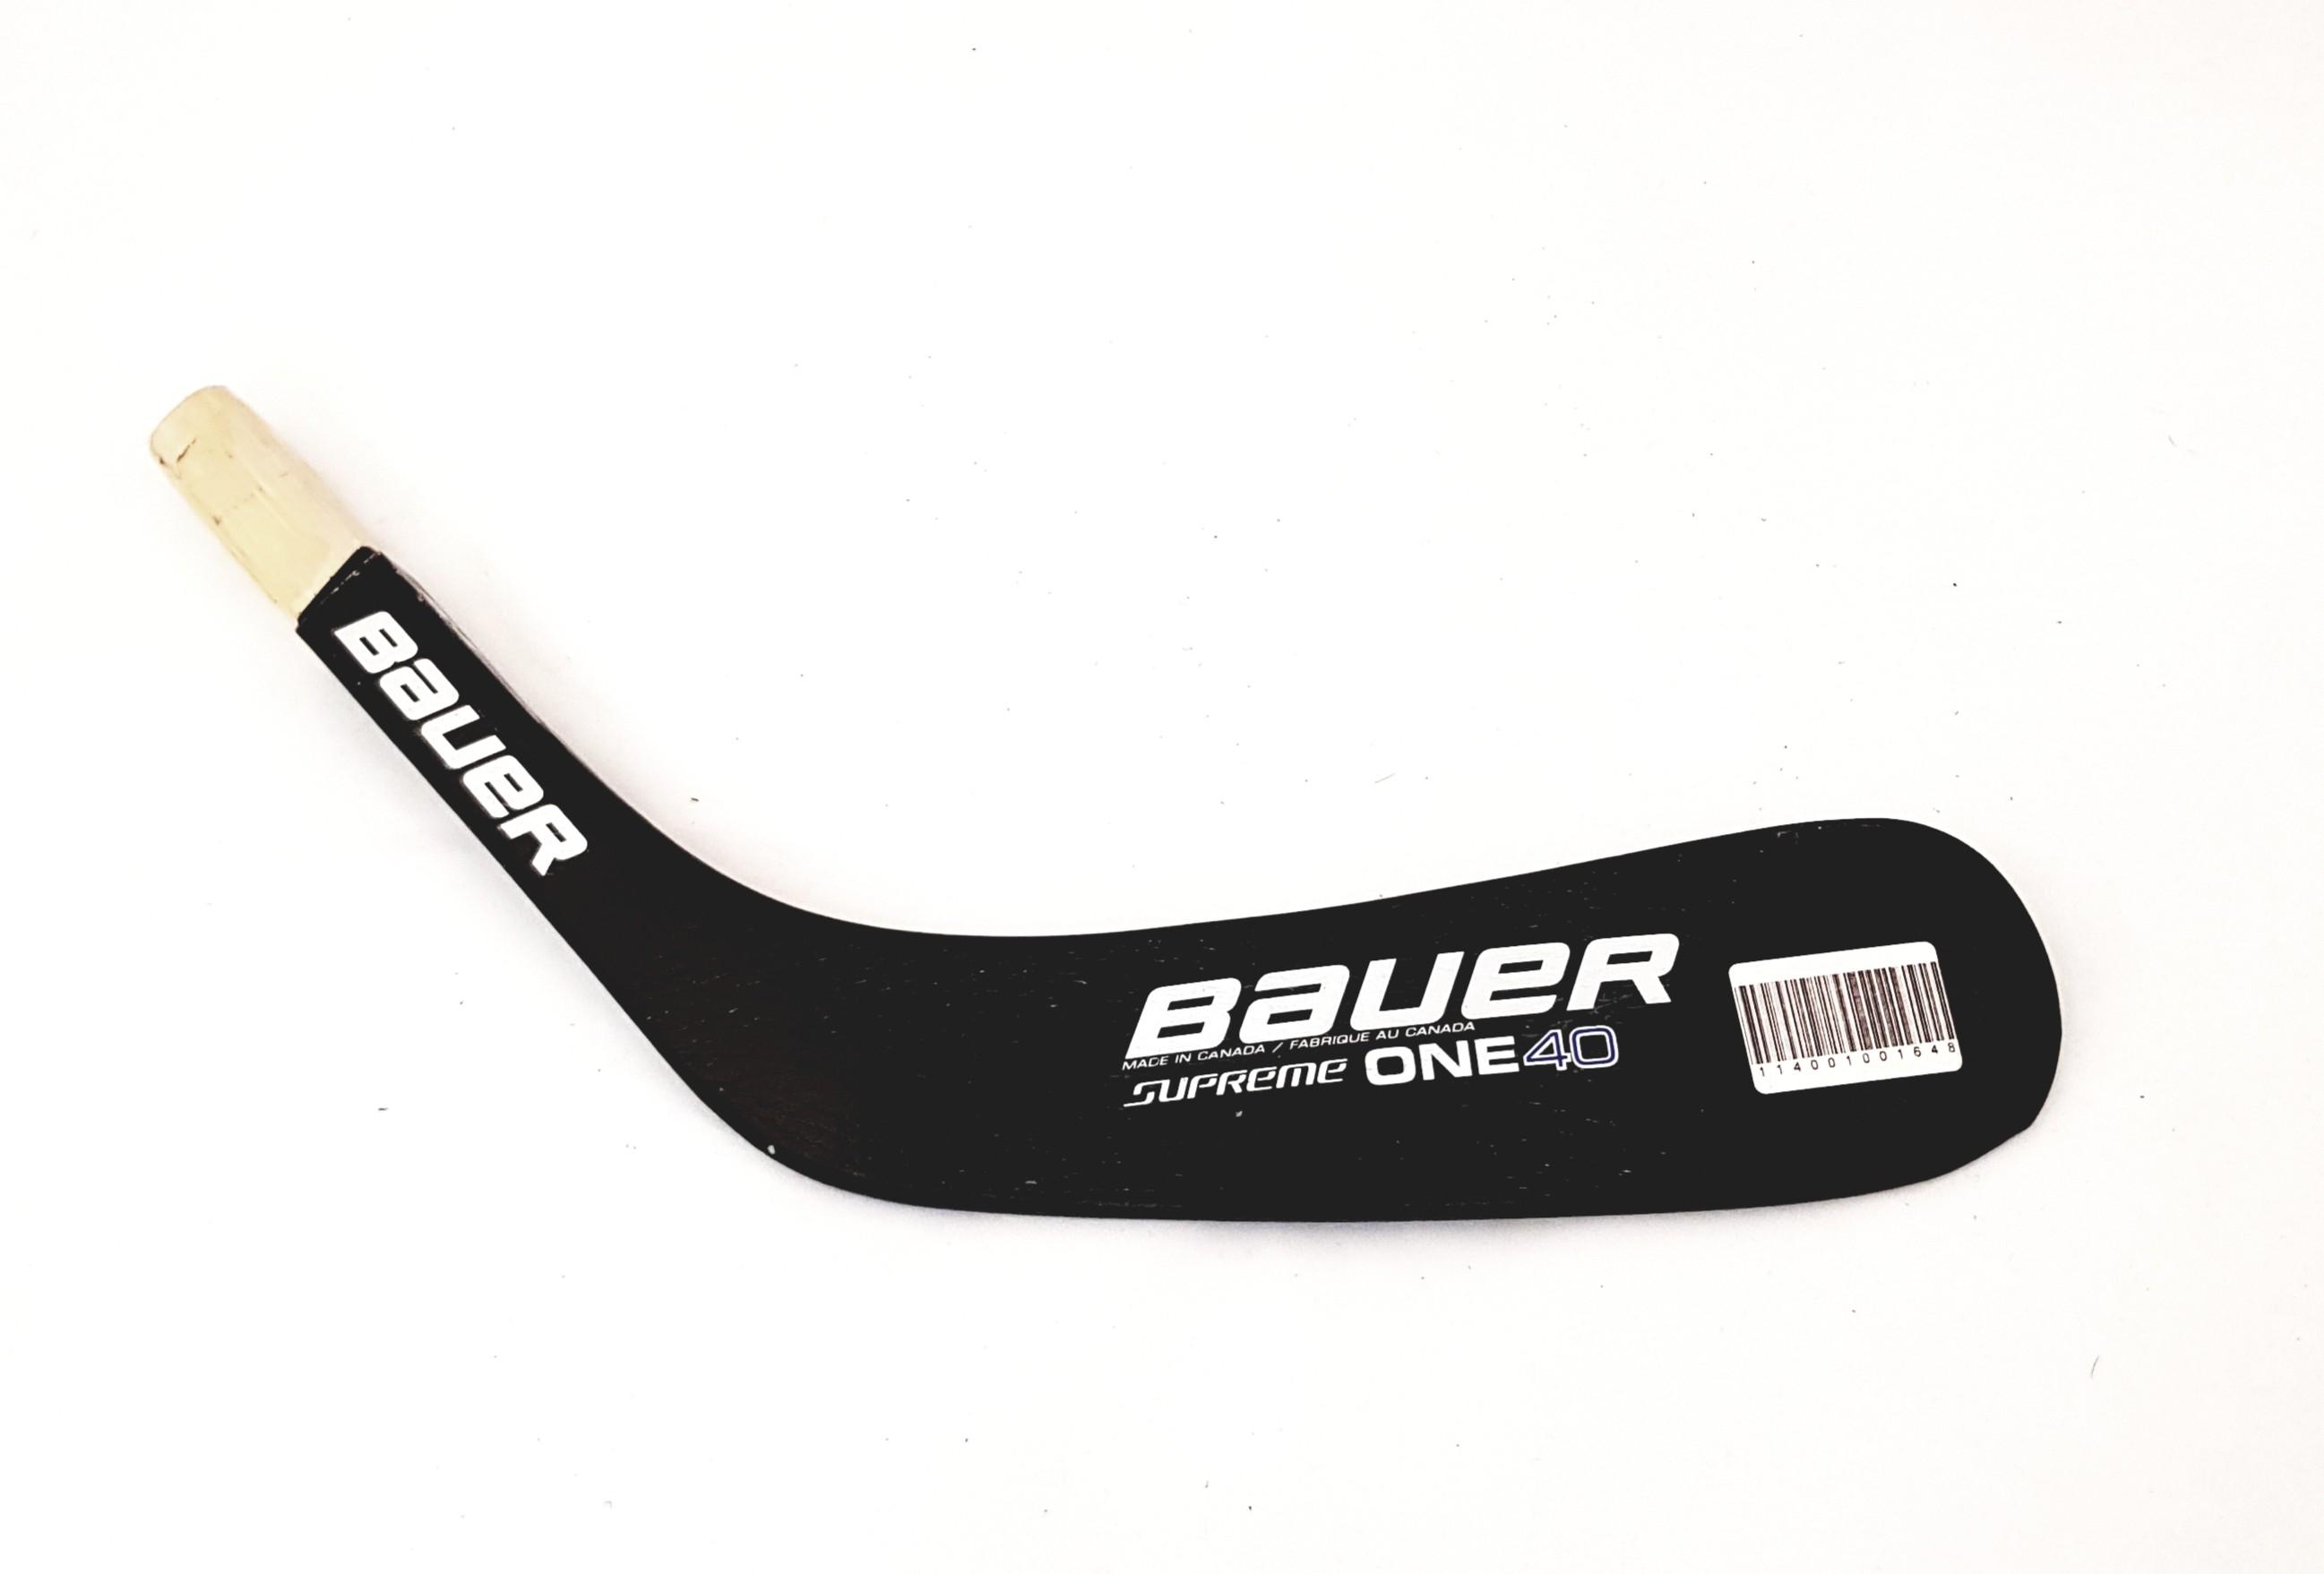 Bauer Supreme One 40 Jr. Хоккейный Крюк